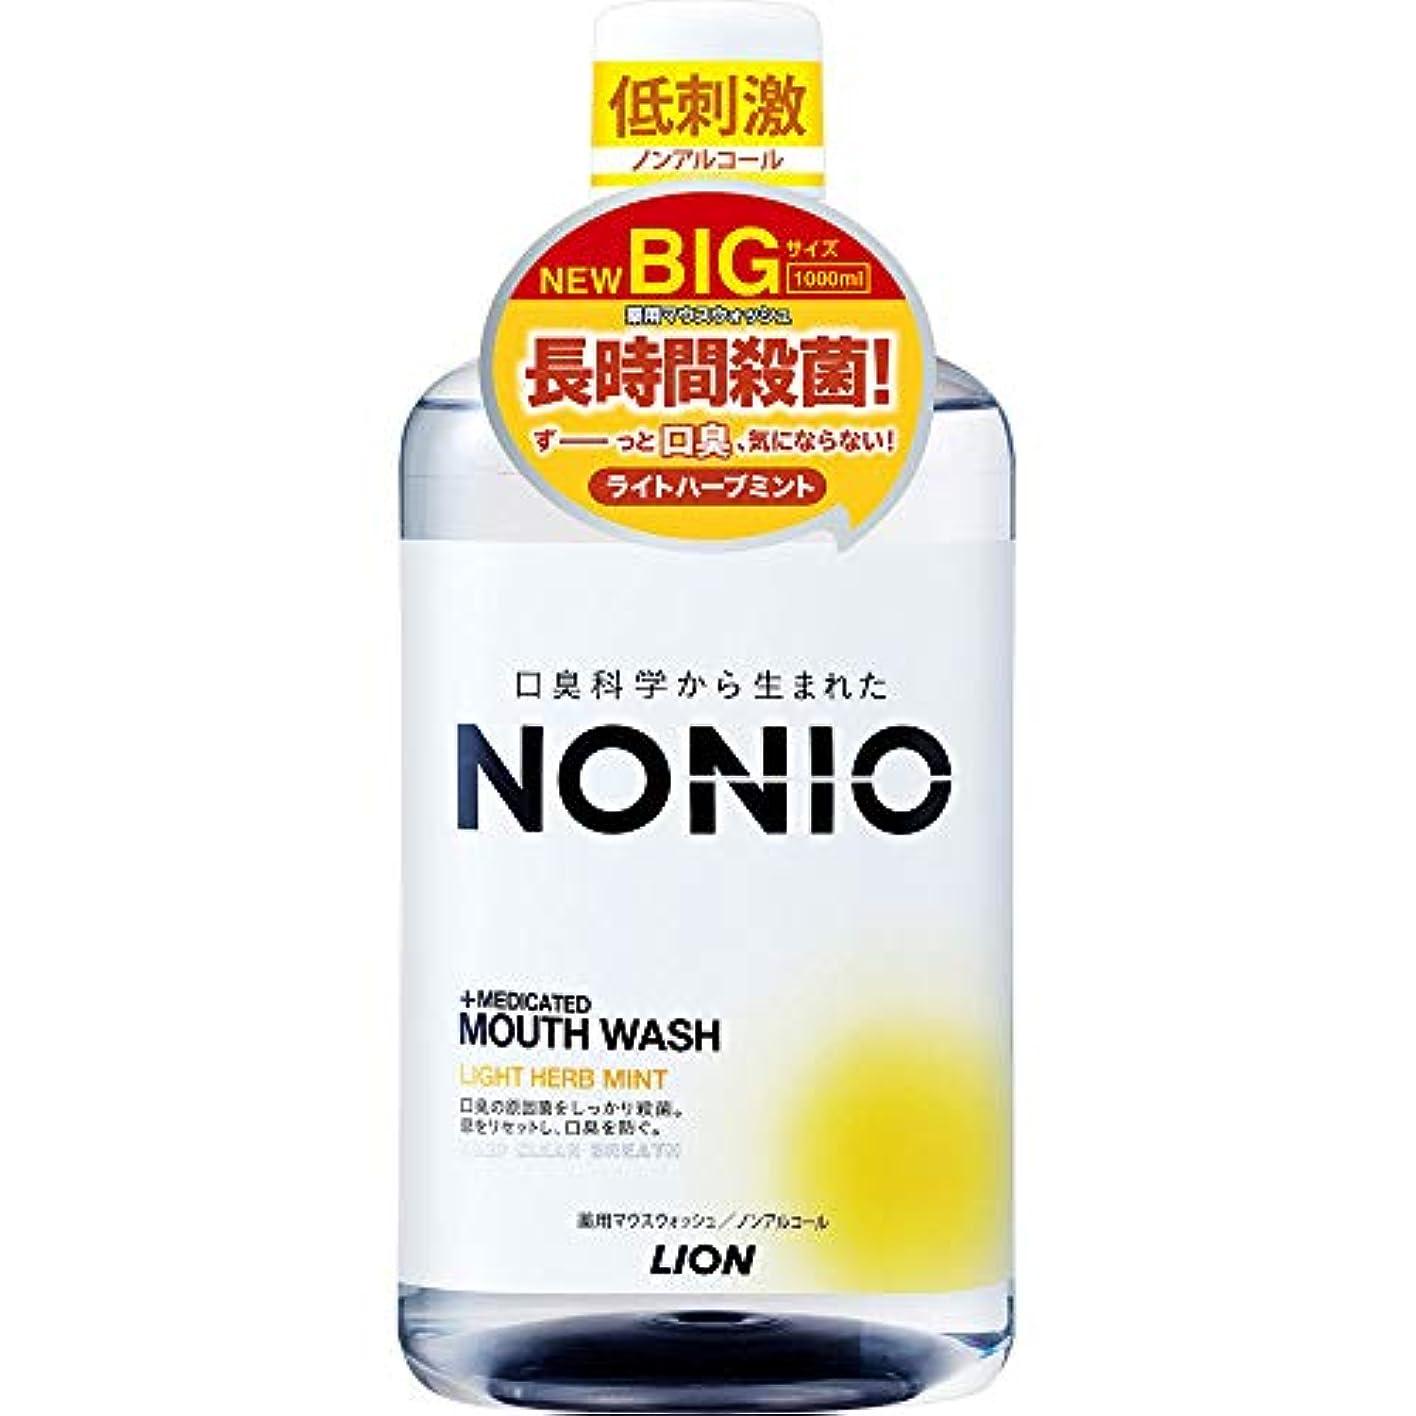 消費者組み合わせ神経ライオン ノニオ マウスウオッシュ 低刺激 ライトハーブミント 1000ml